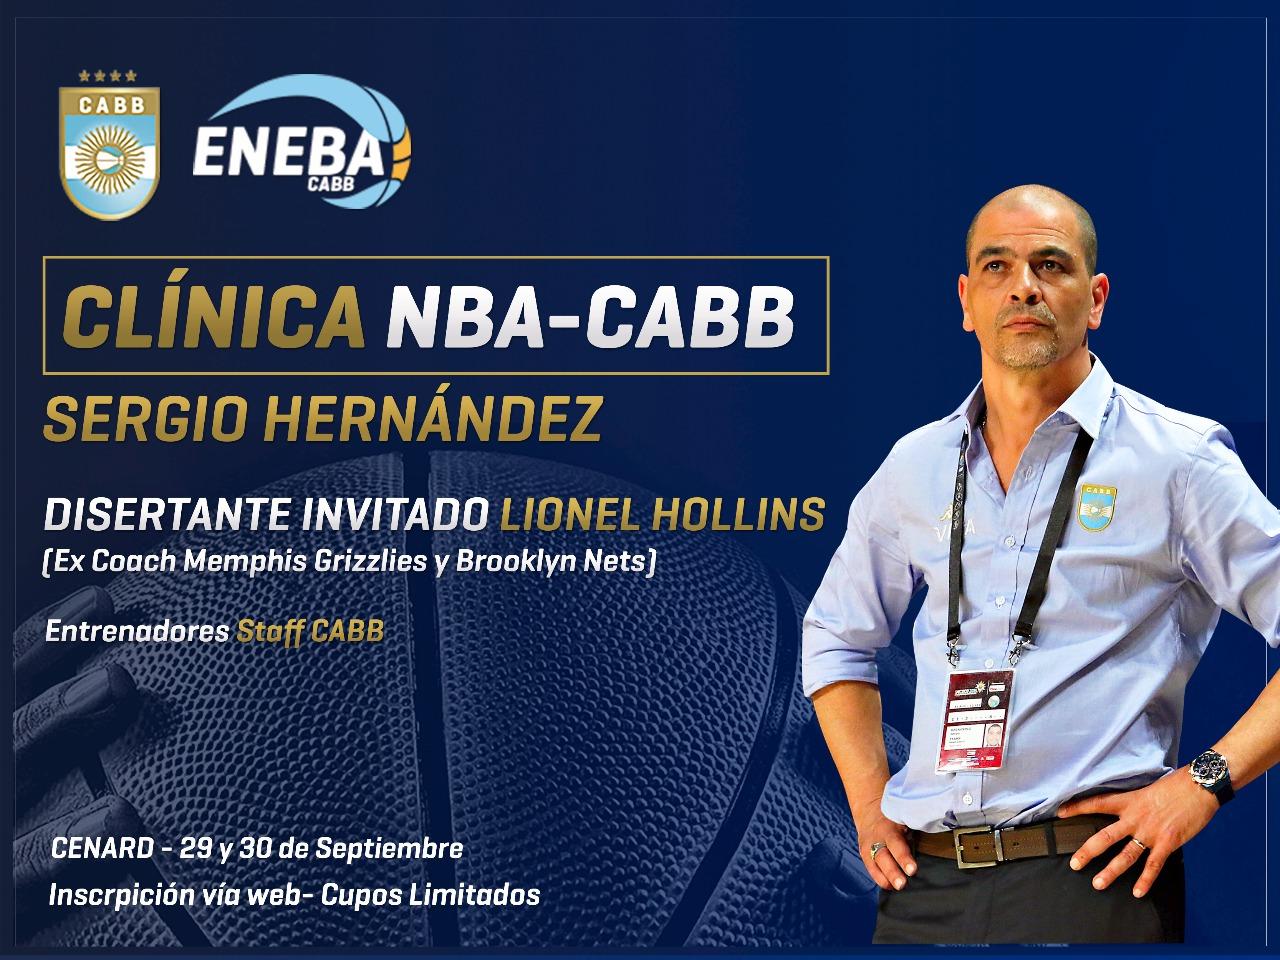 Clínica NBA-CABB gratuita en el CeNARD